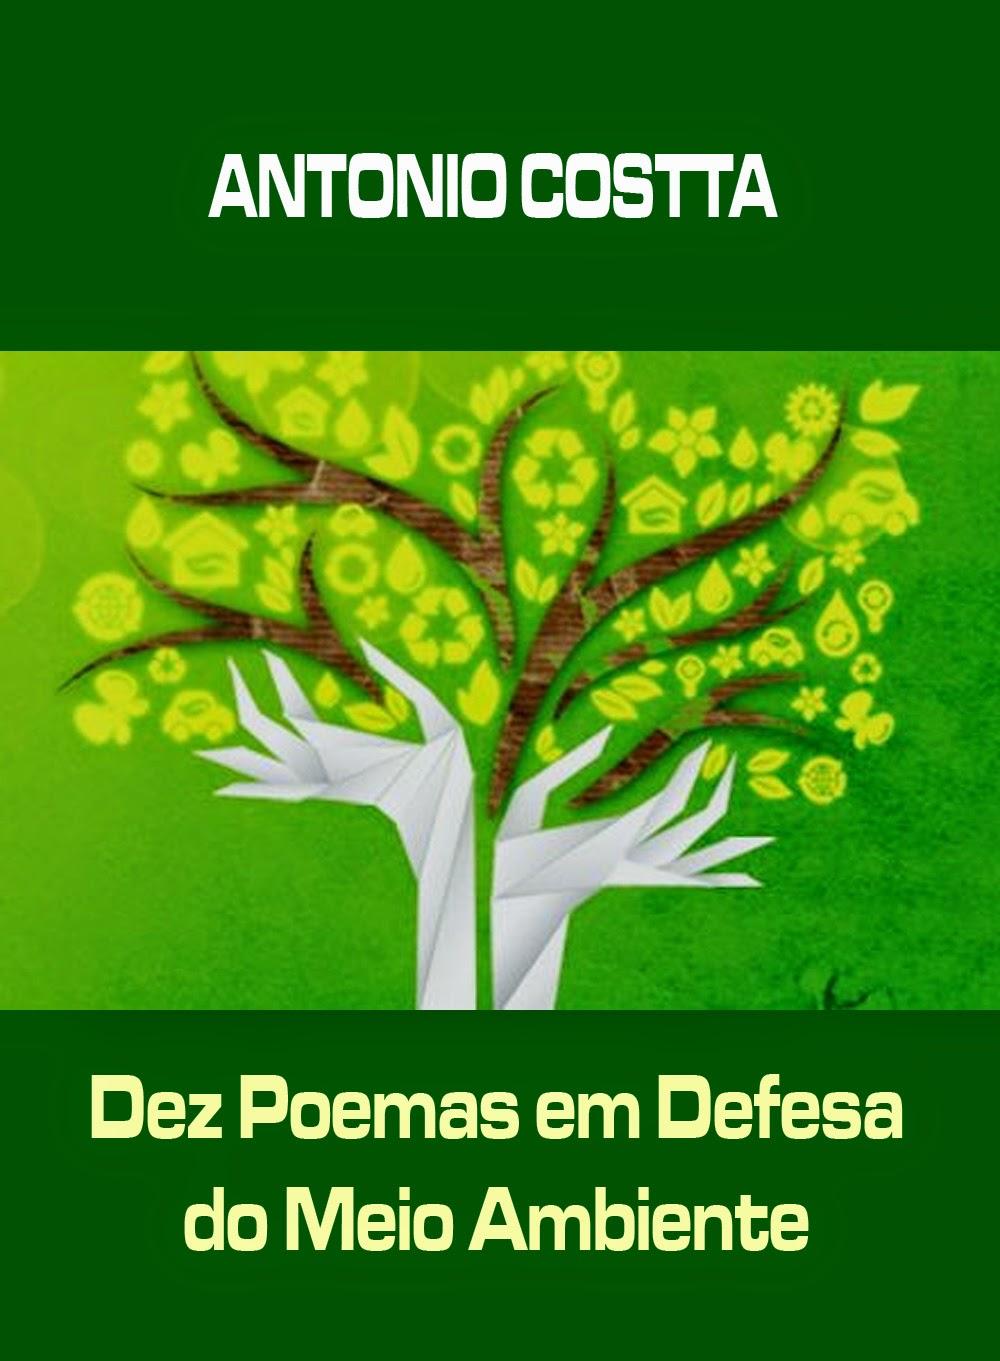 Frases Sobre A Natureza E O Meio Ambiente